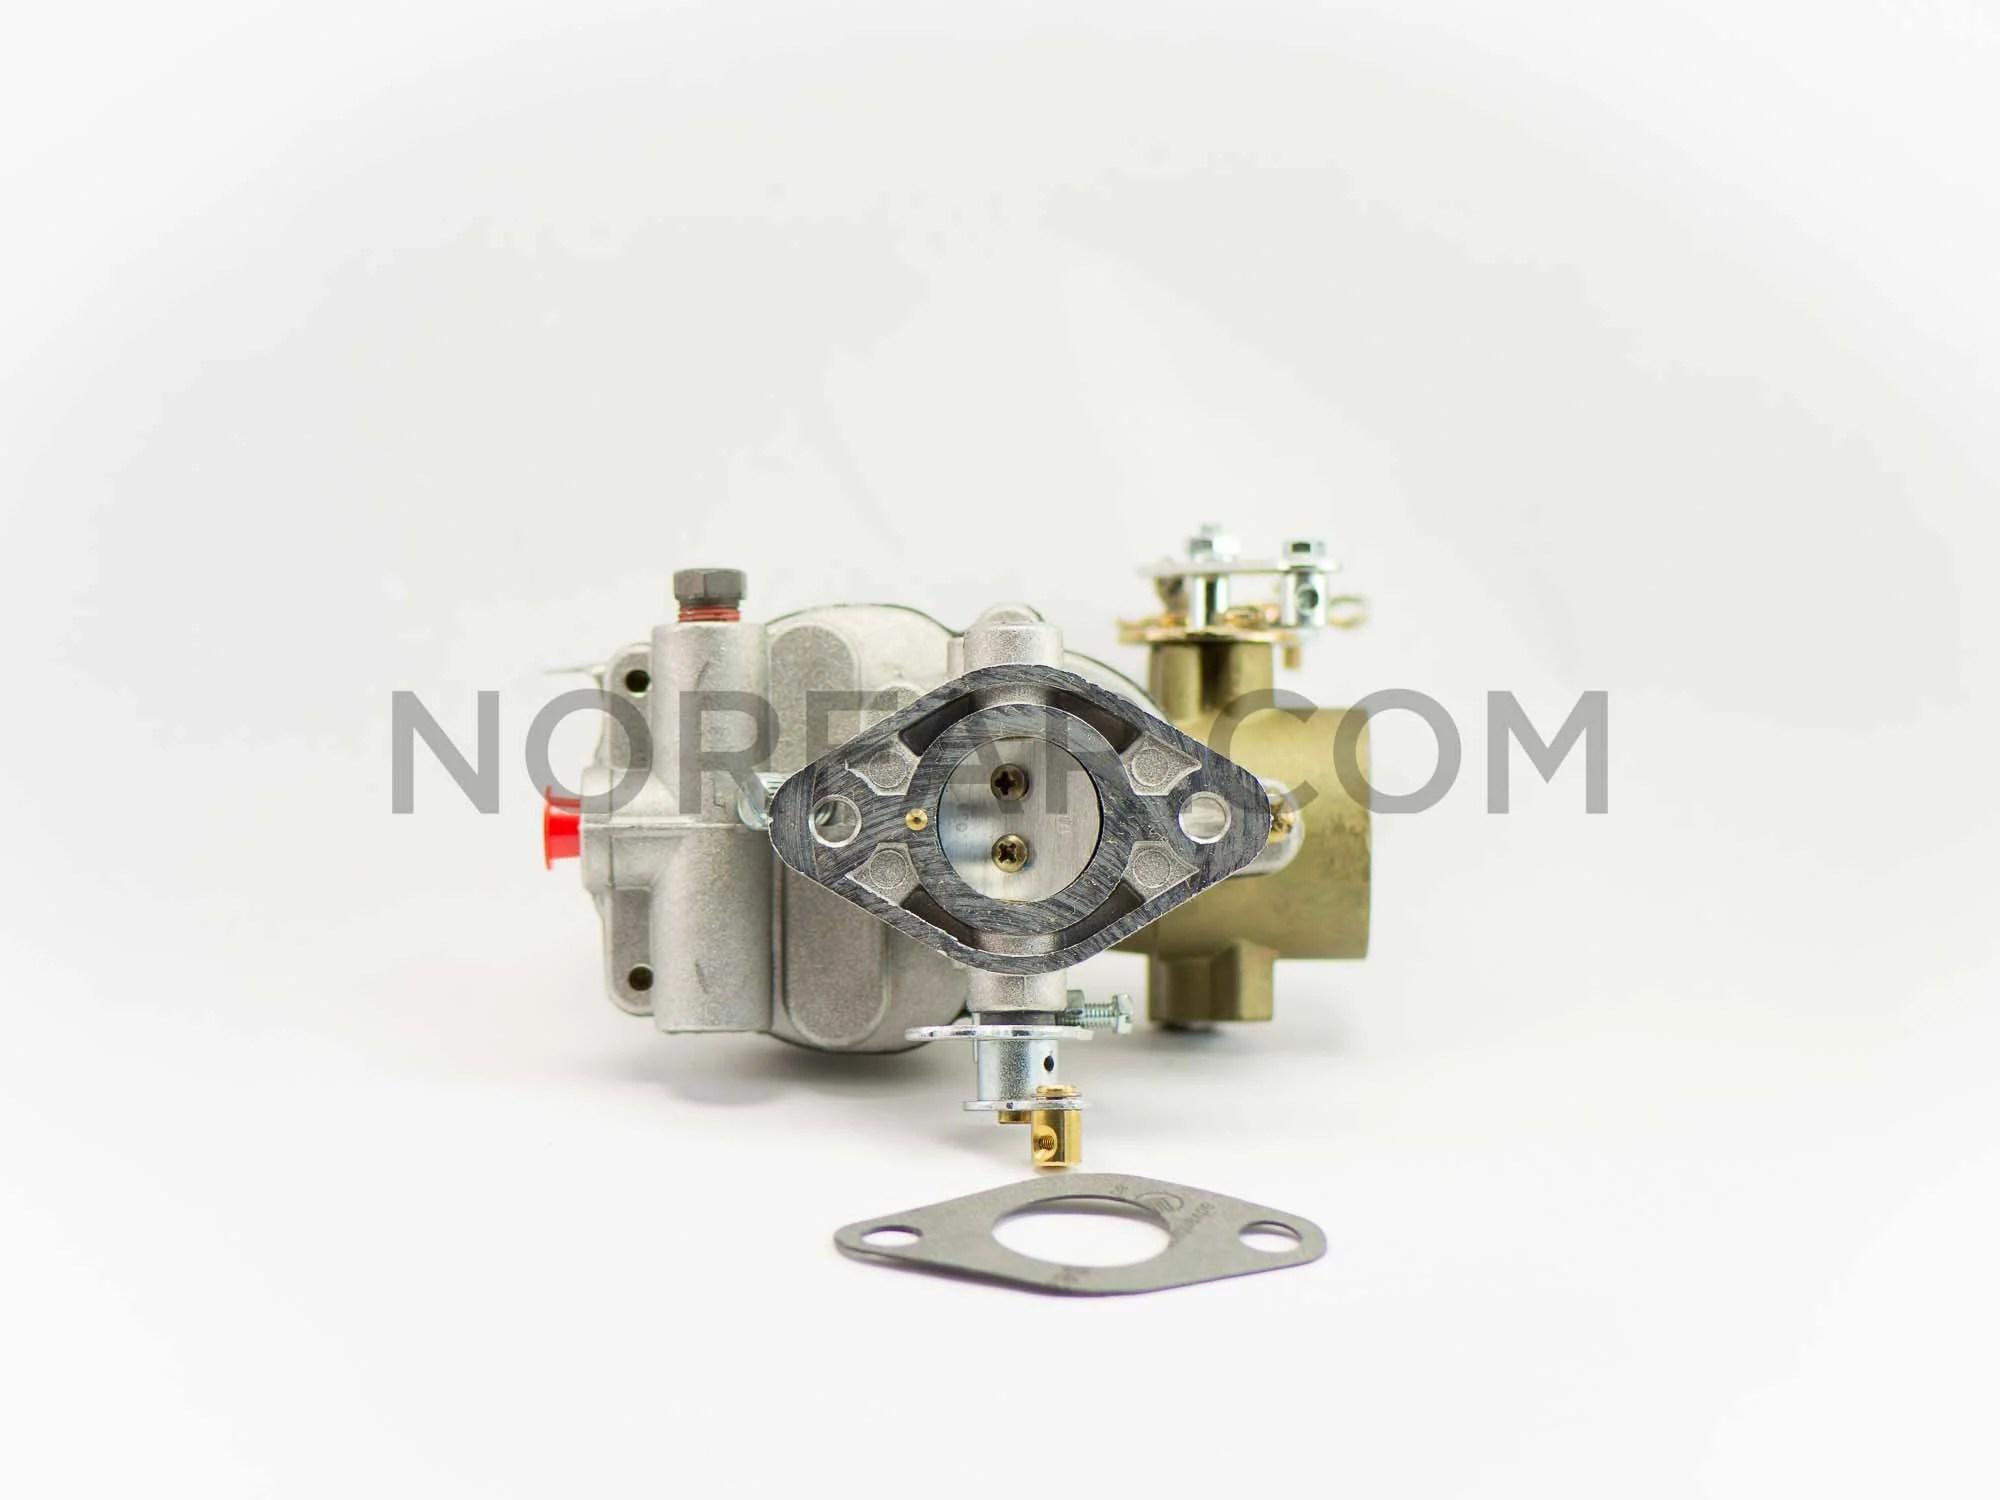 bobcat carburetor  [ 2000 x 1500 Pixel ]